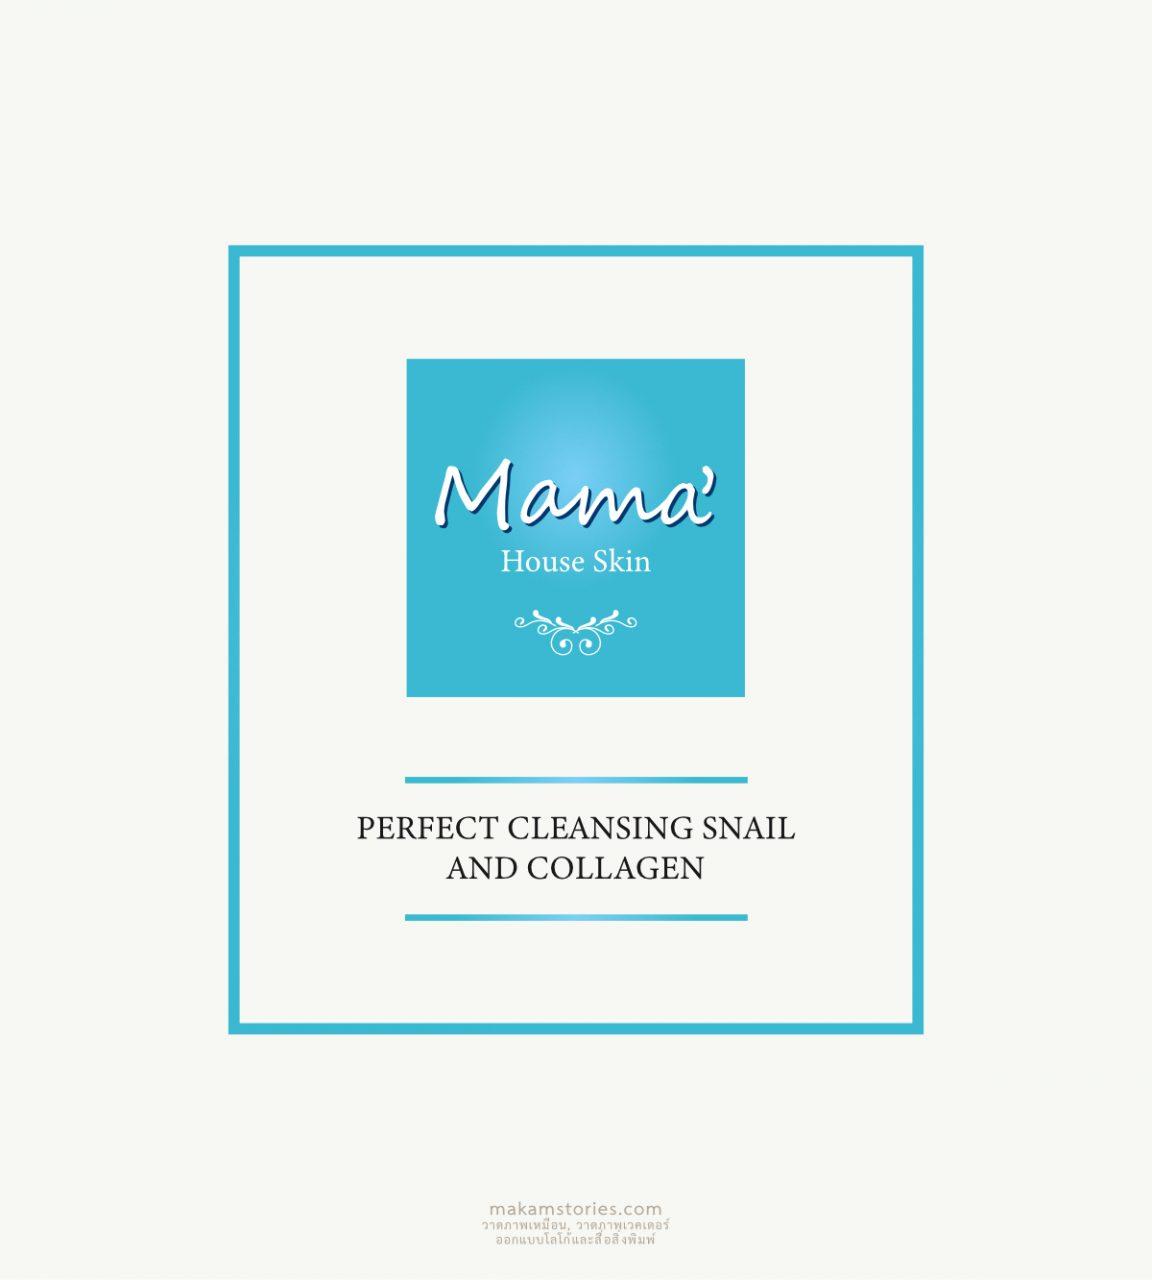 Mama House Skin ออกแบบโลโก้สำหรับผลิตภัณฑ์เครื่องสำอางค์บำรุงผิว